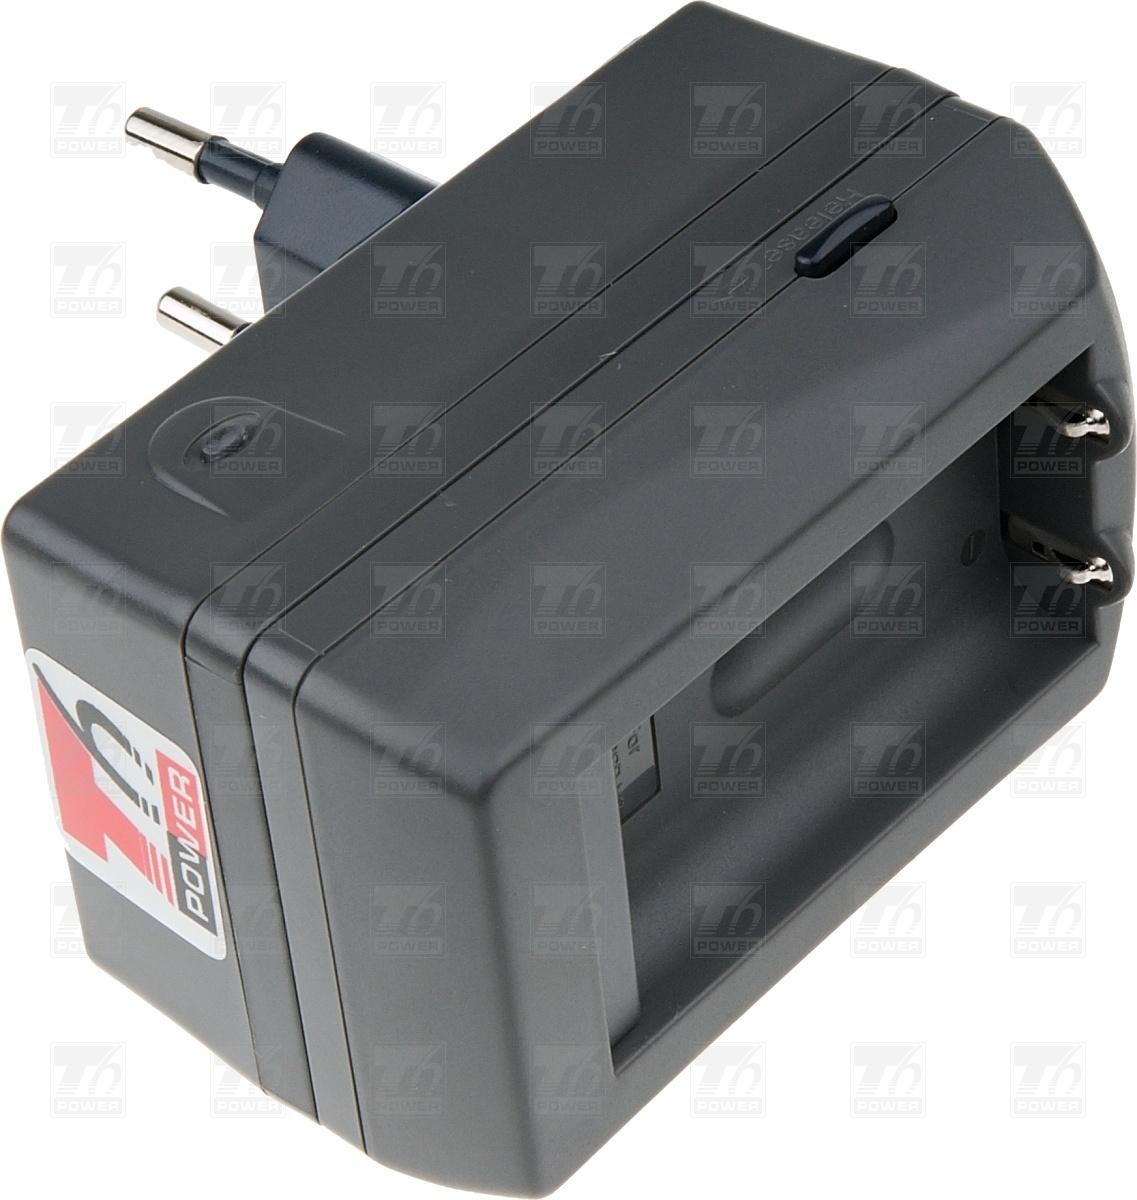 T6 power Nabíječka T6 power pro CRV3, CR-V3, CR-V3P, DLCRV3B, EL